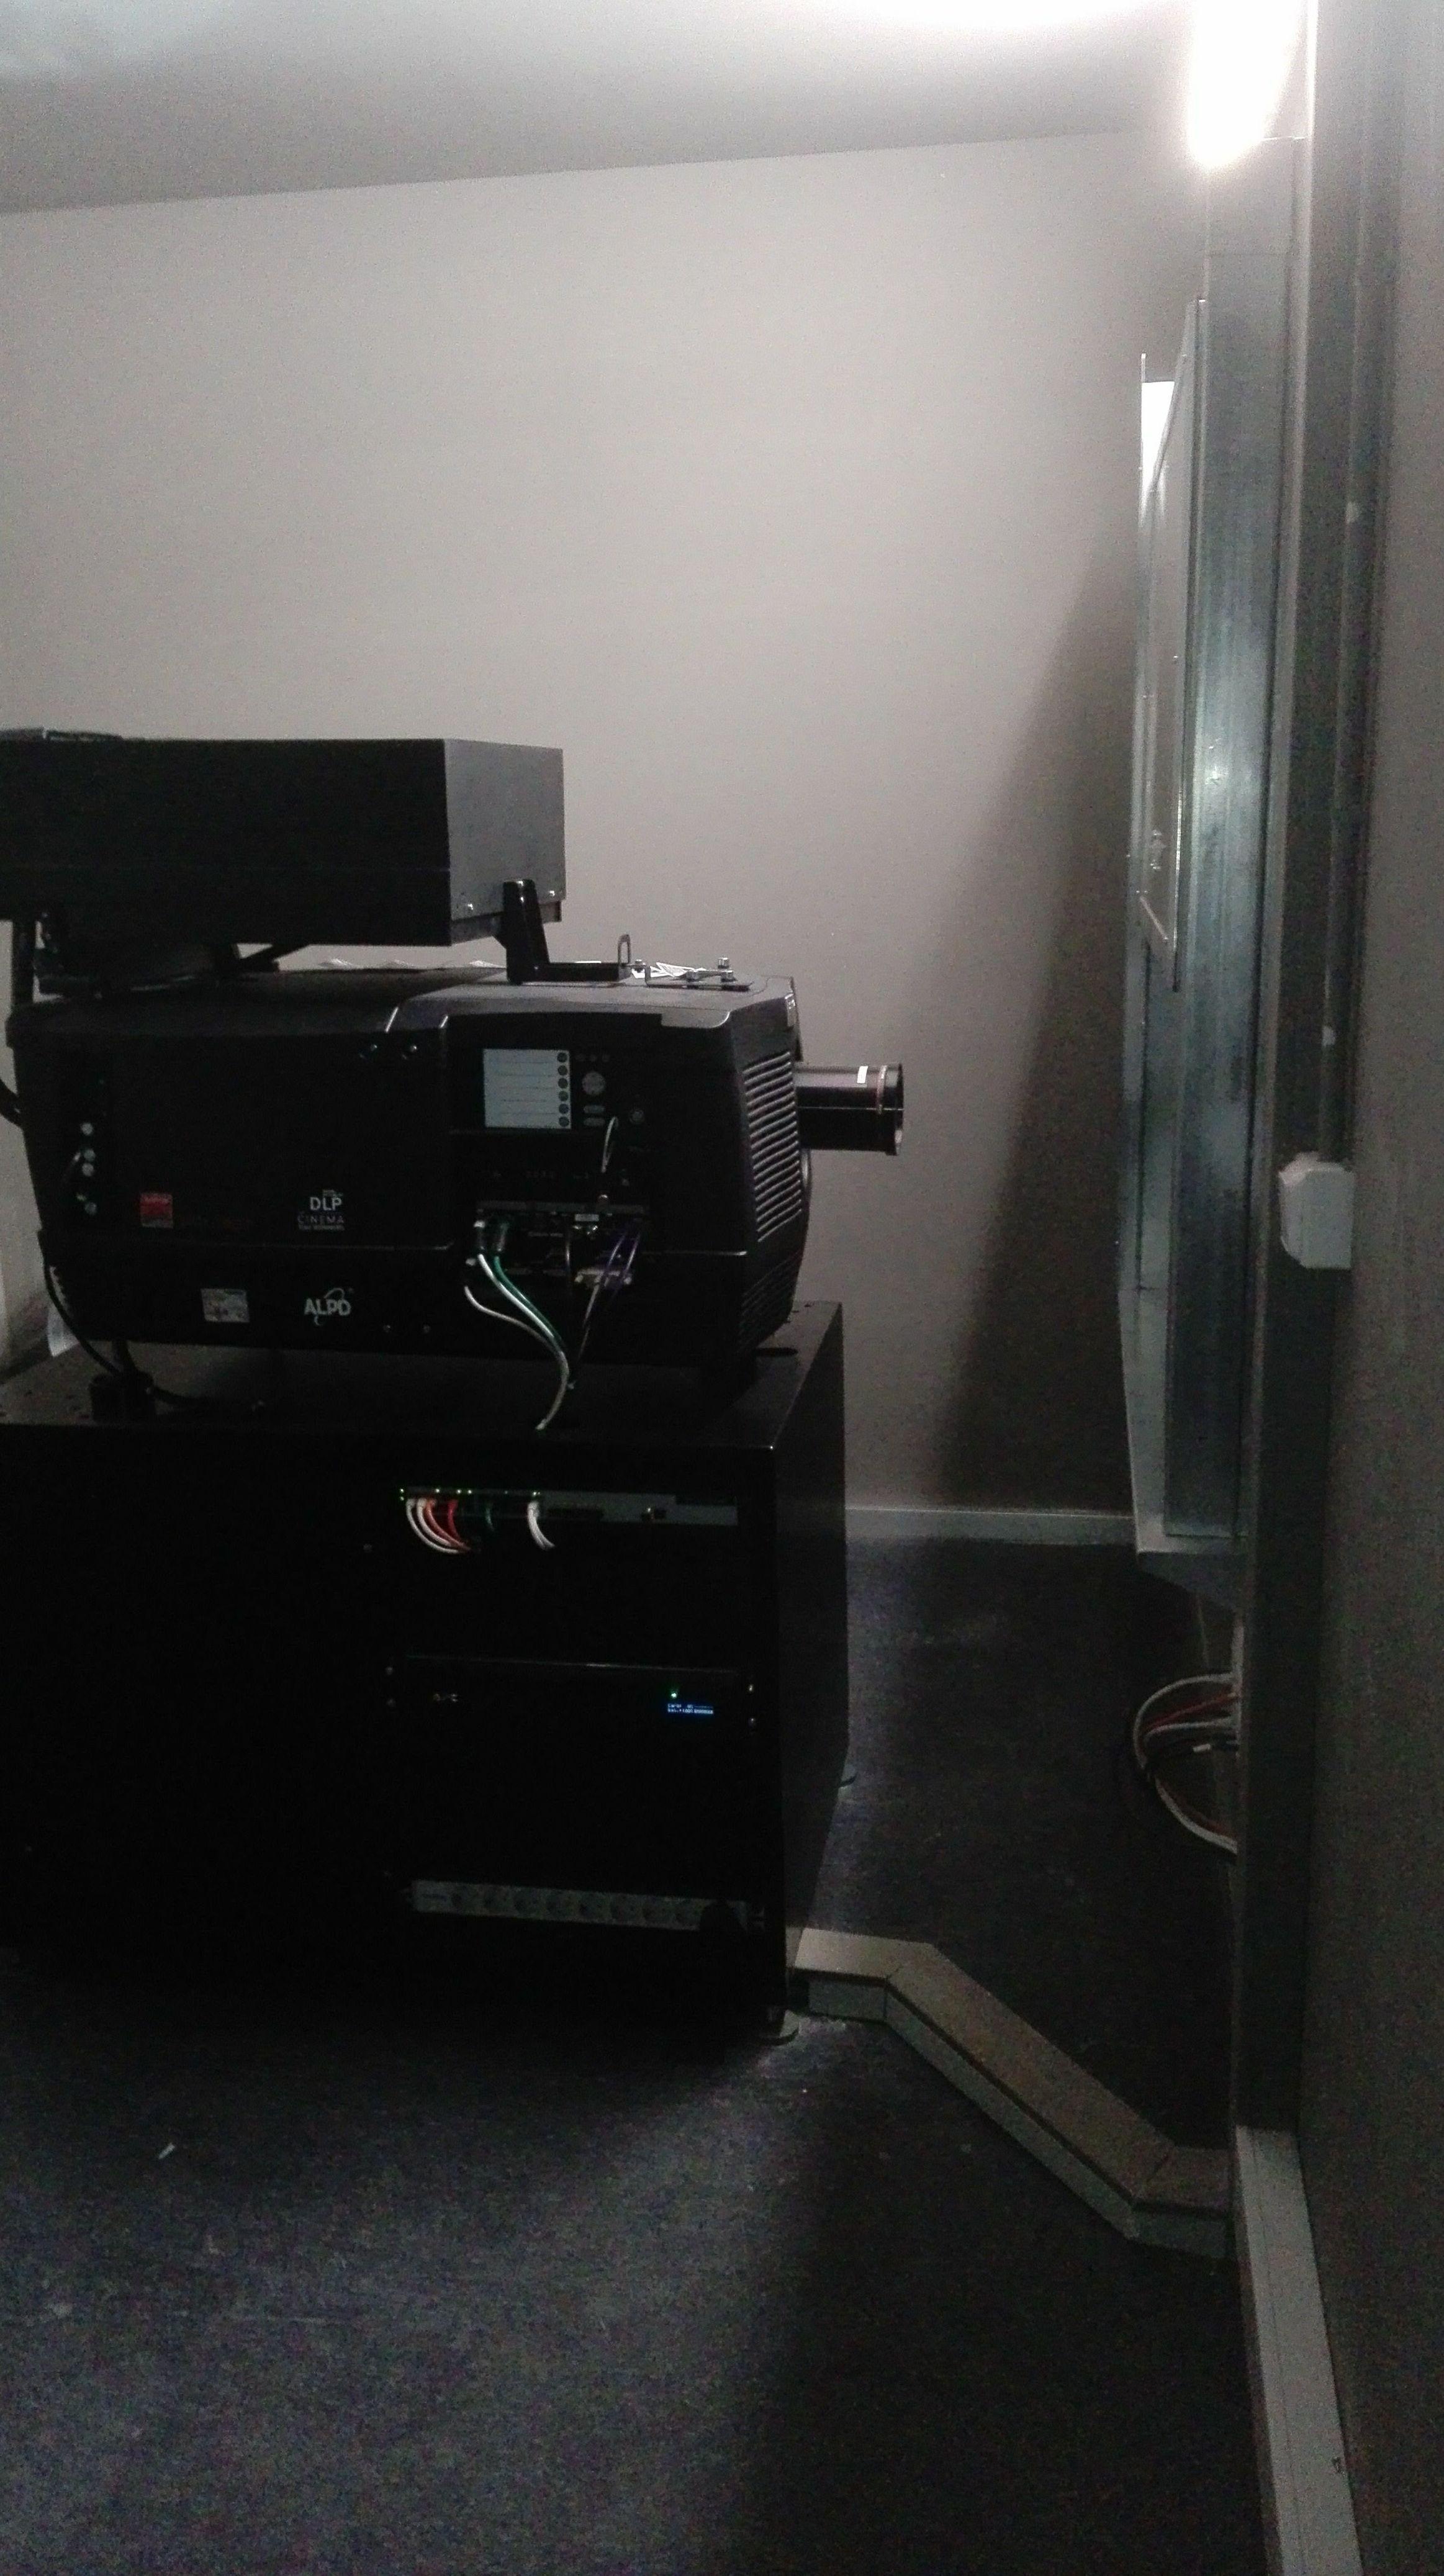 Puerta guillotina en Ventana cortafuegos sala de cine, vista lateral